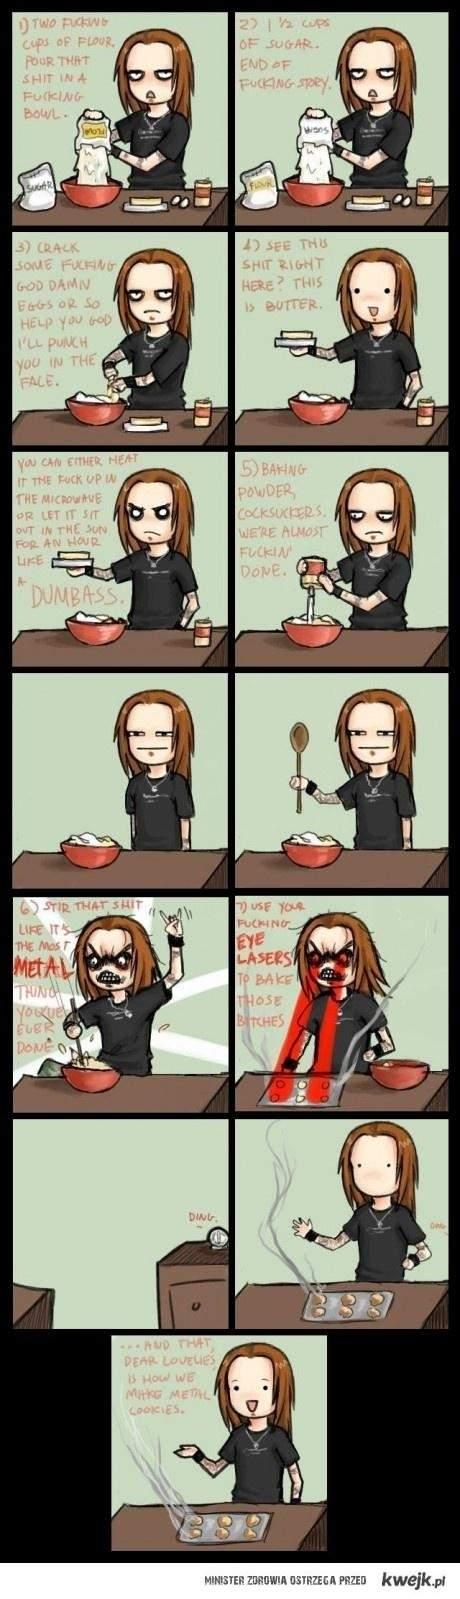 alexi radzi, jak upiec metalowe ciastka